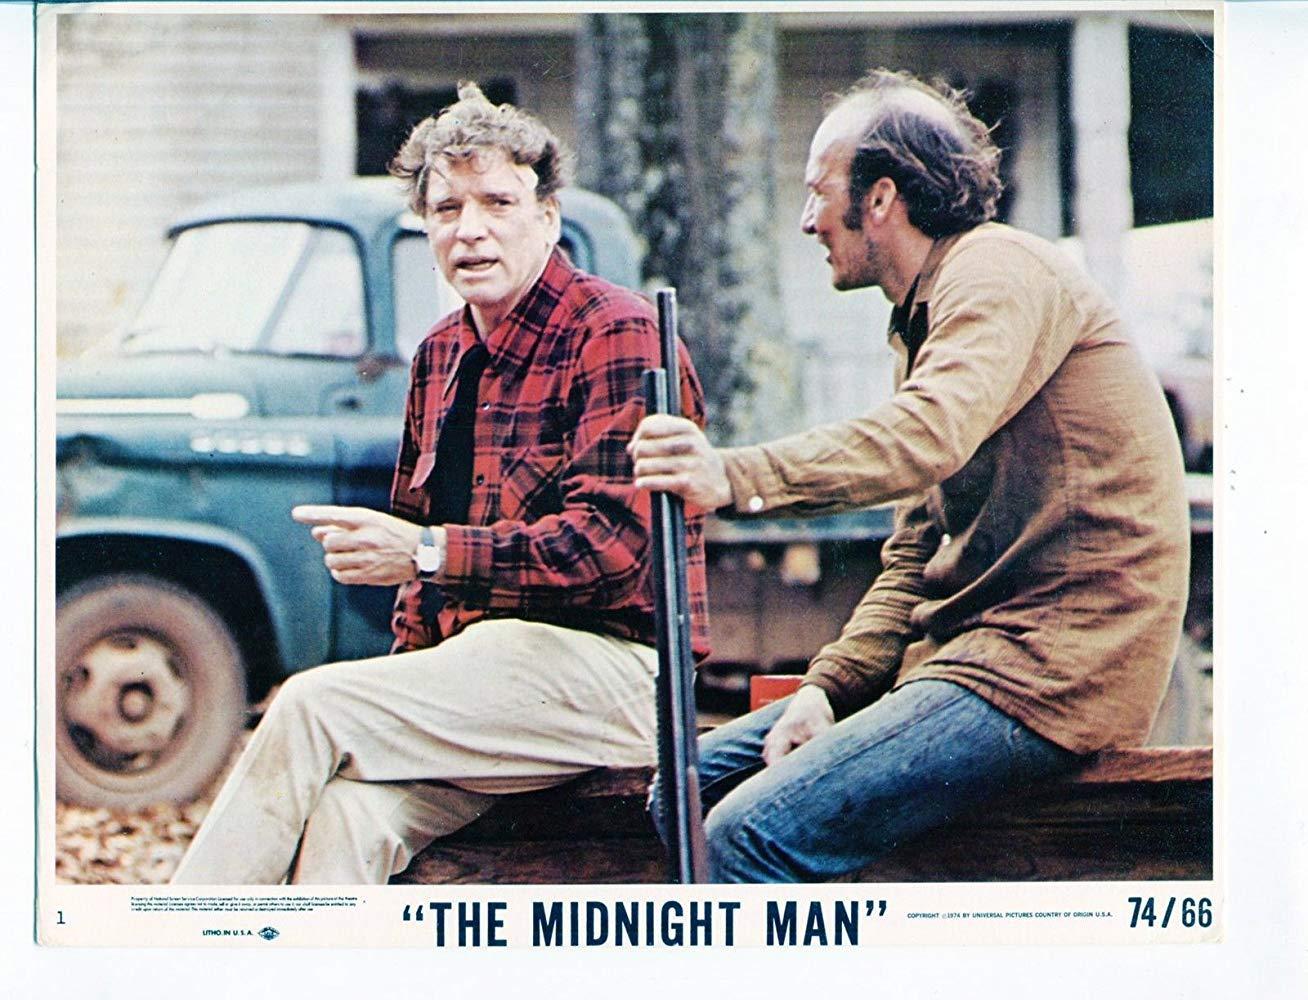 مشاهدة فيلم The Midnight Man 2000 HD مترجم كامل اون لاين